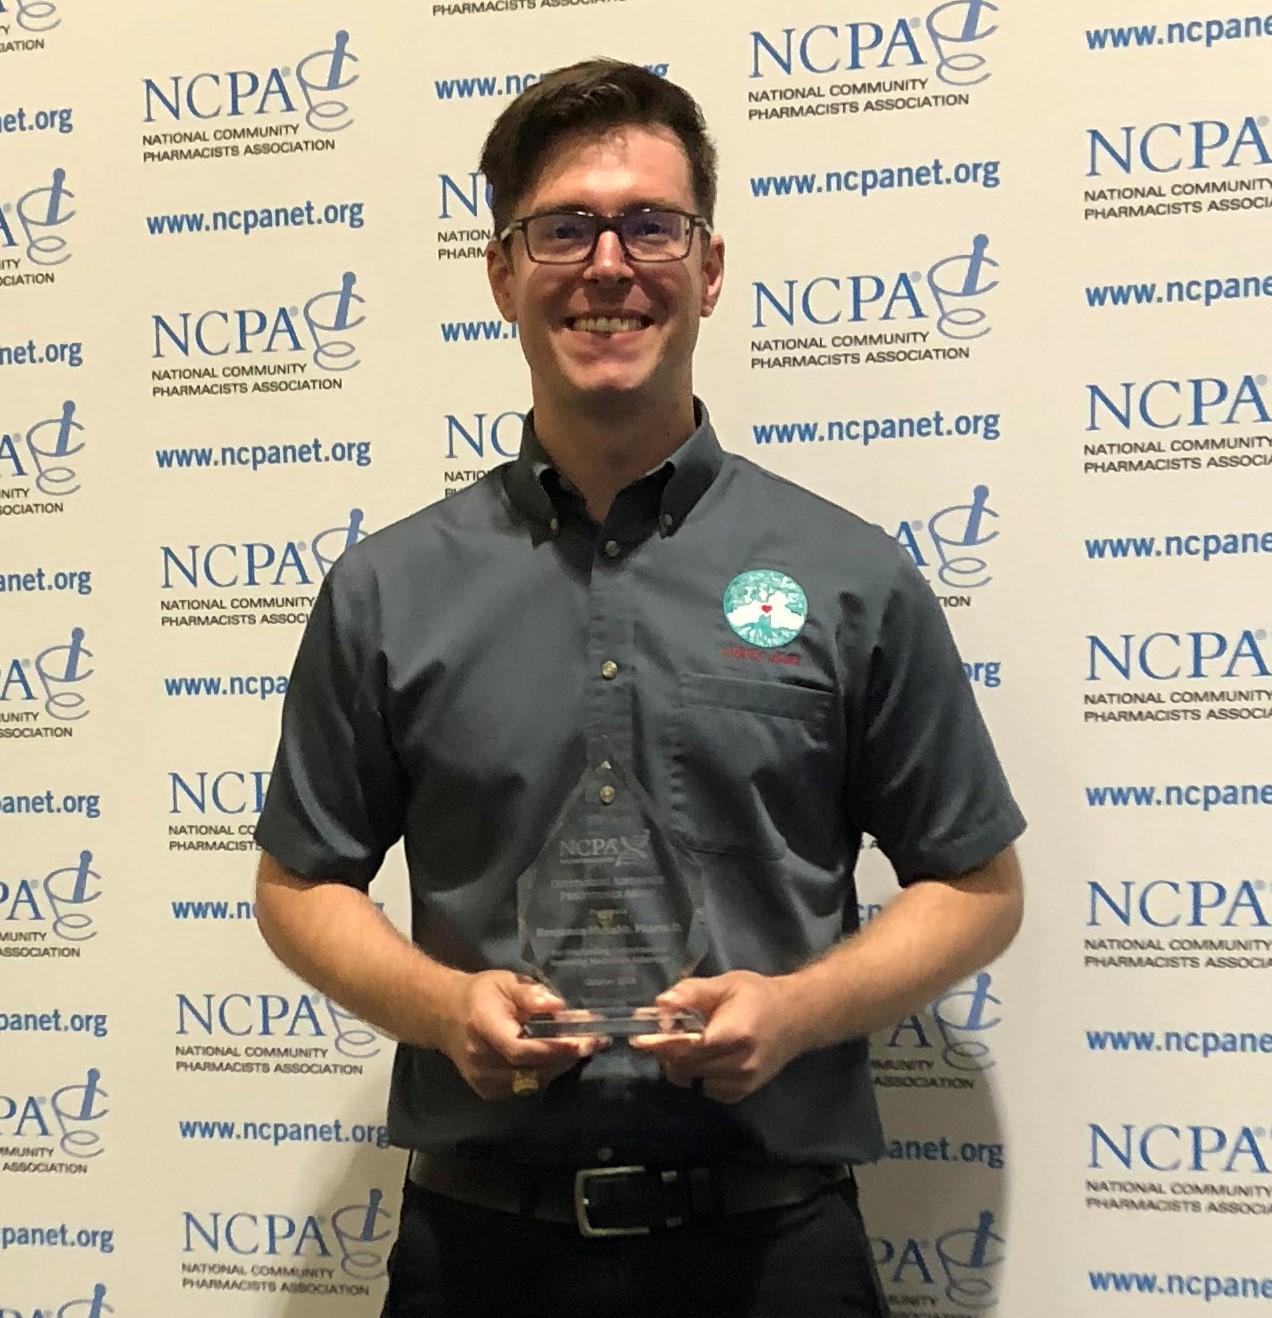 dr-Benjamin-McNabb-NCPA-adherence-award